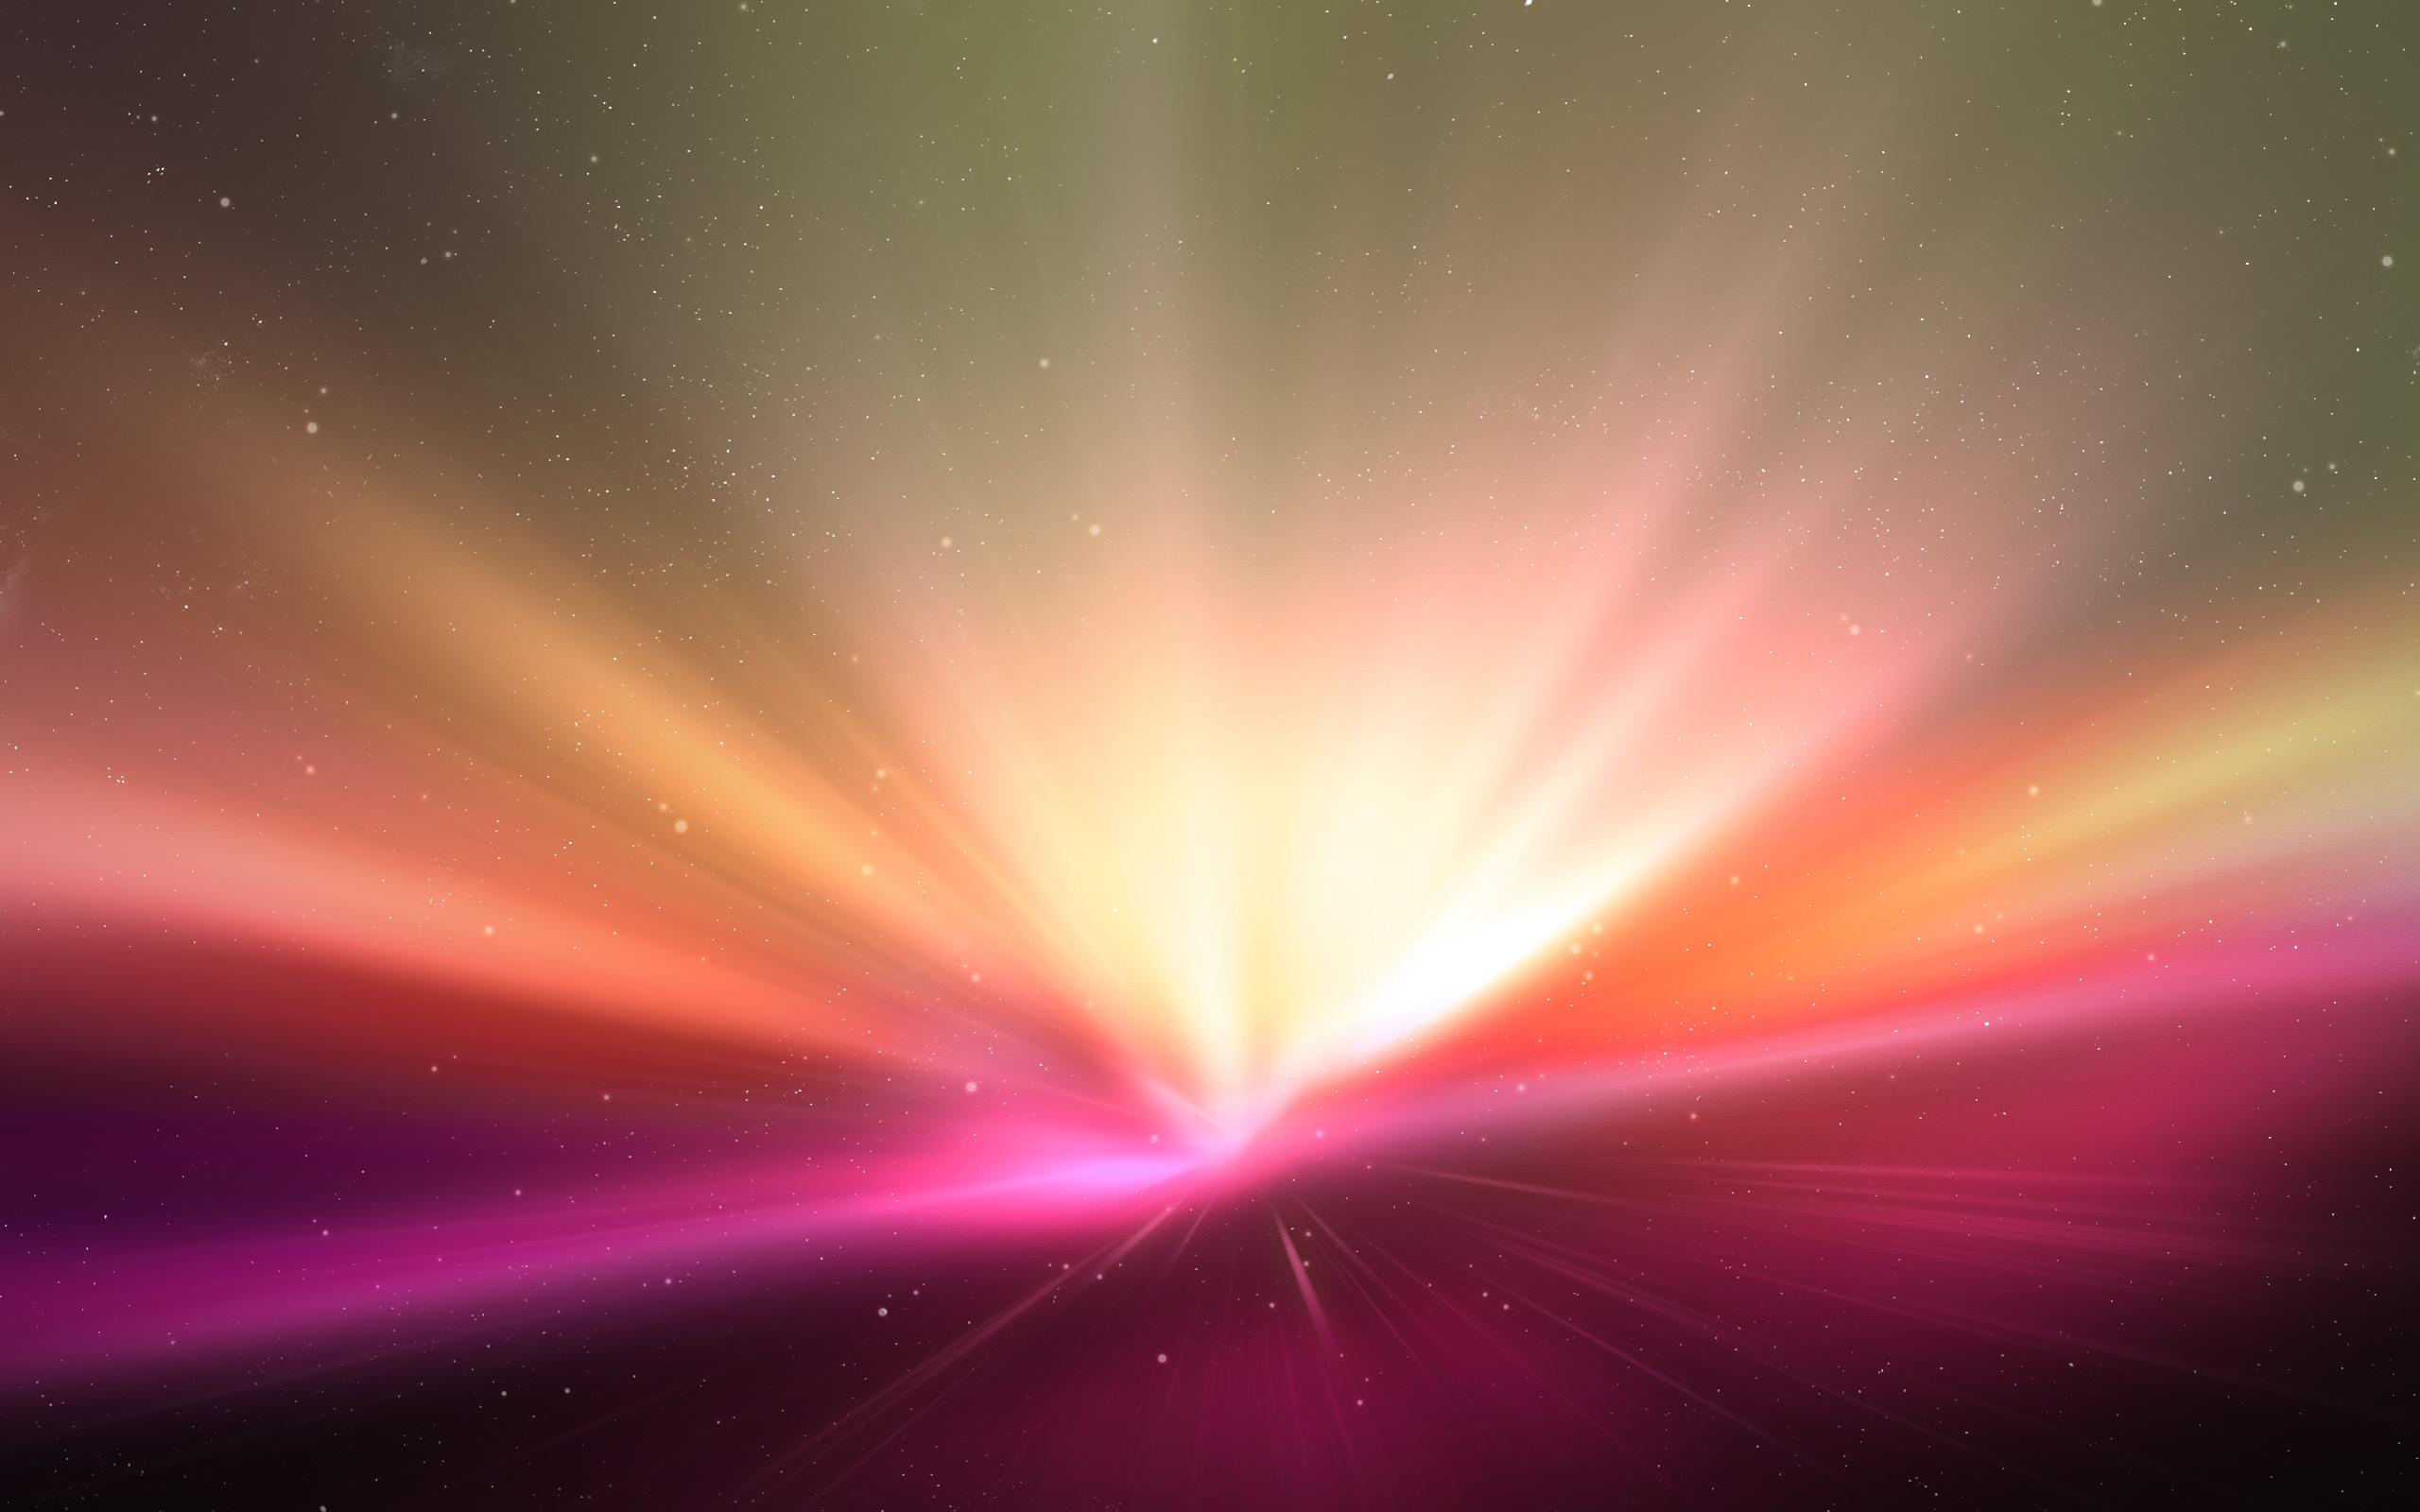 Pretty HD S Mac Wallpaper